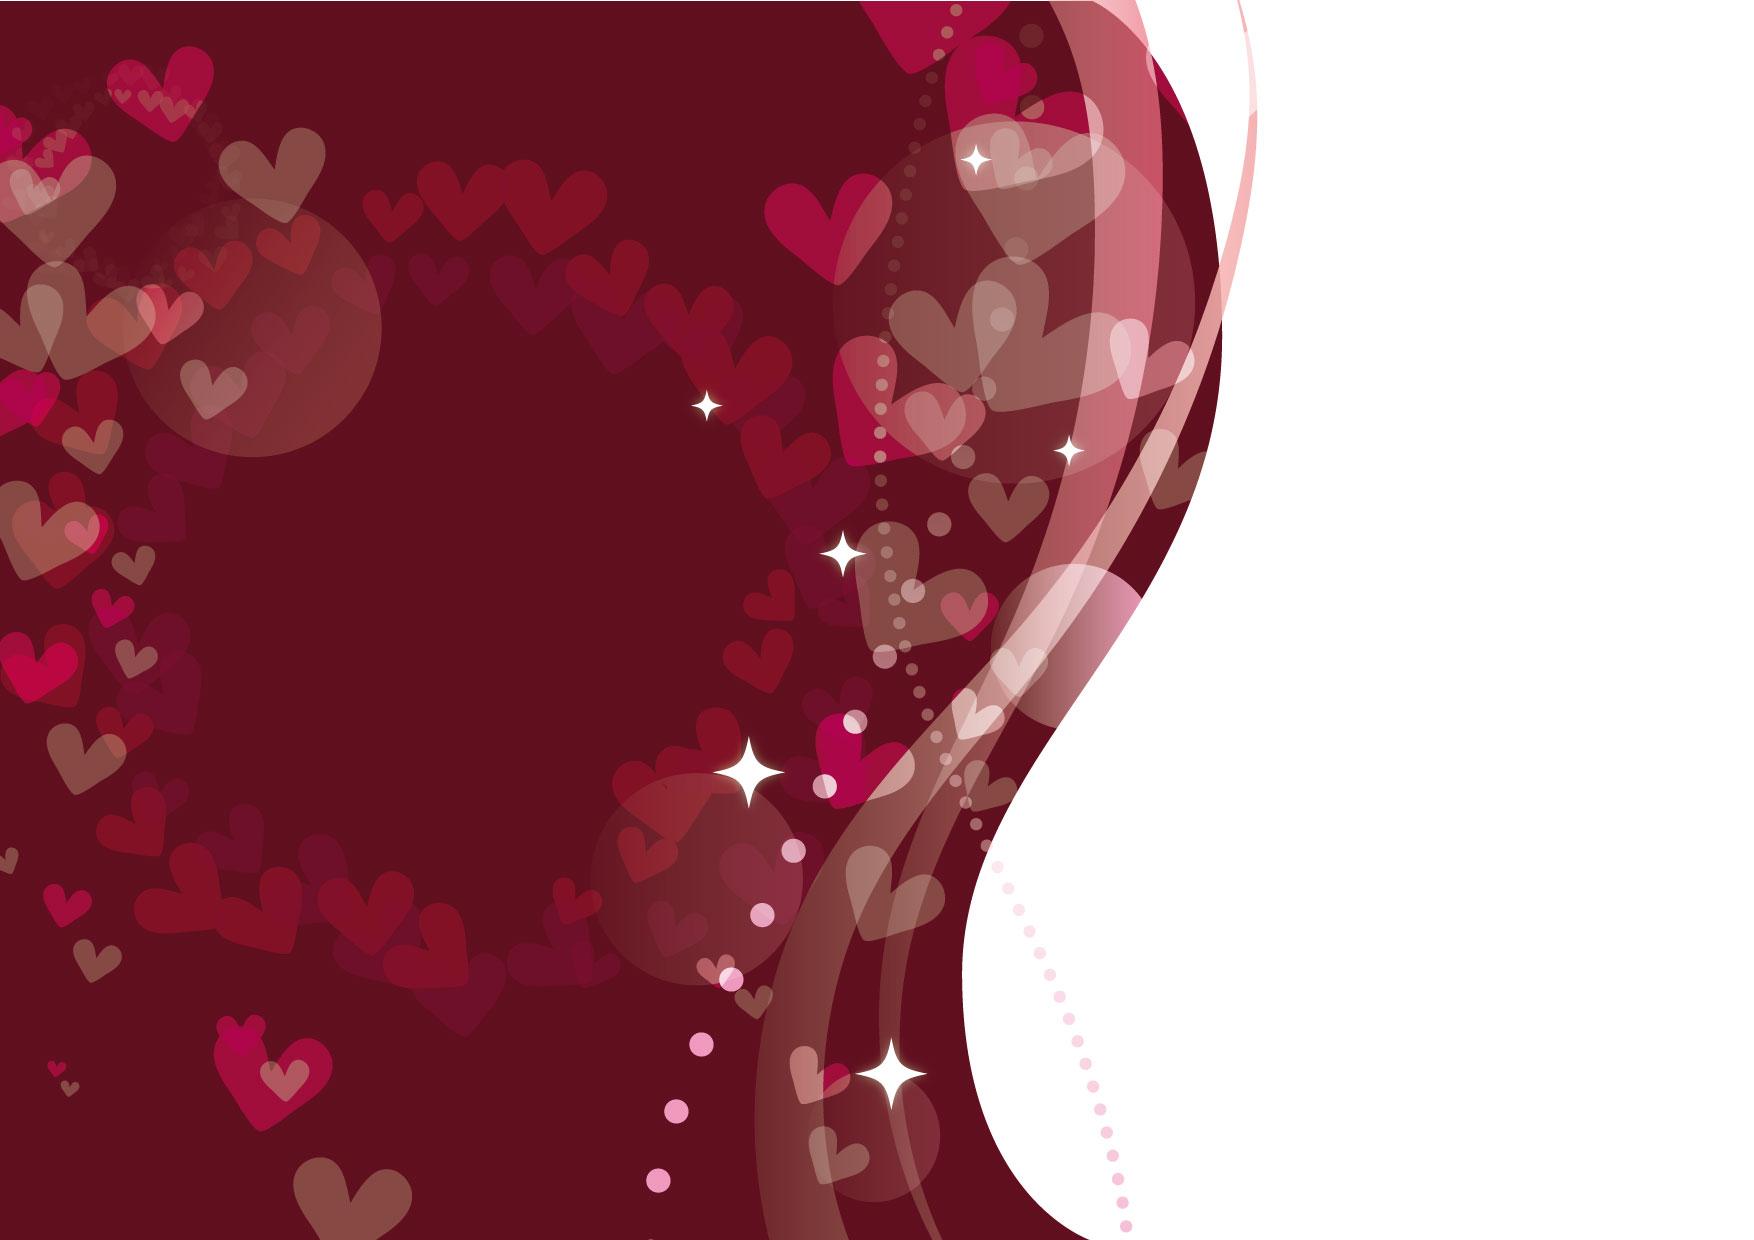 可愛いイラスト無料|バレンタイン ポスター チョコレート色 − free illustration Valentine poster chocolate color